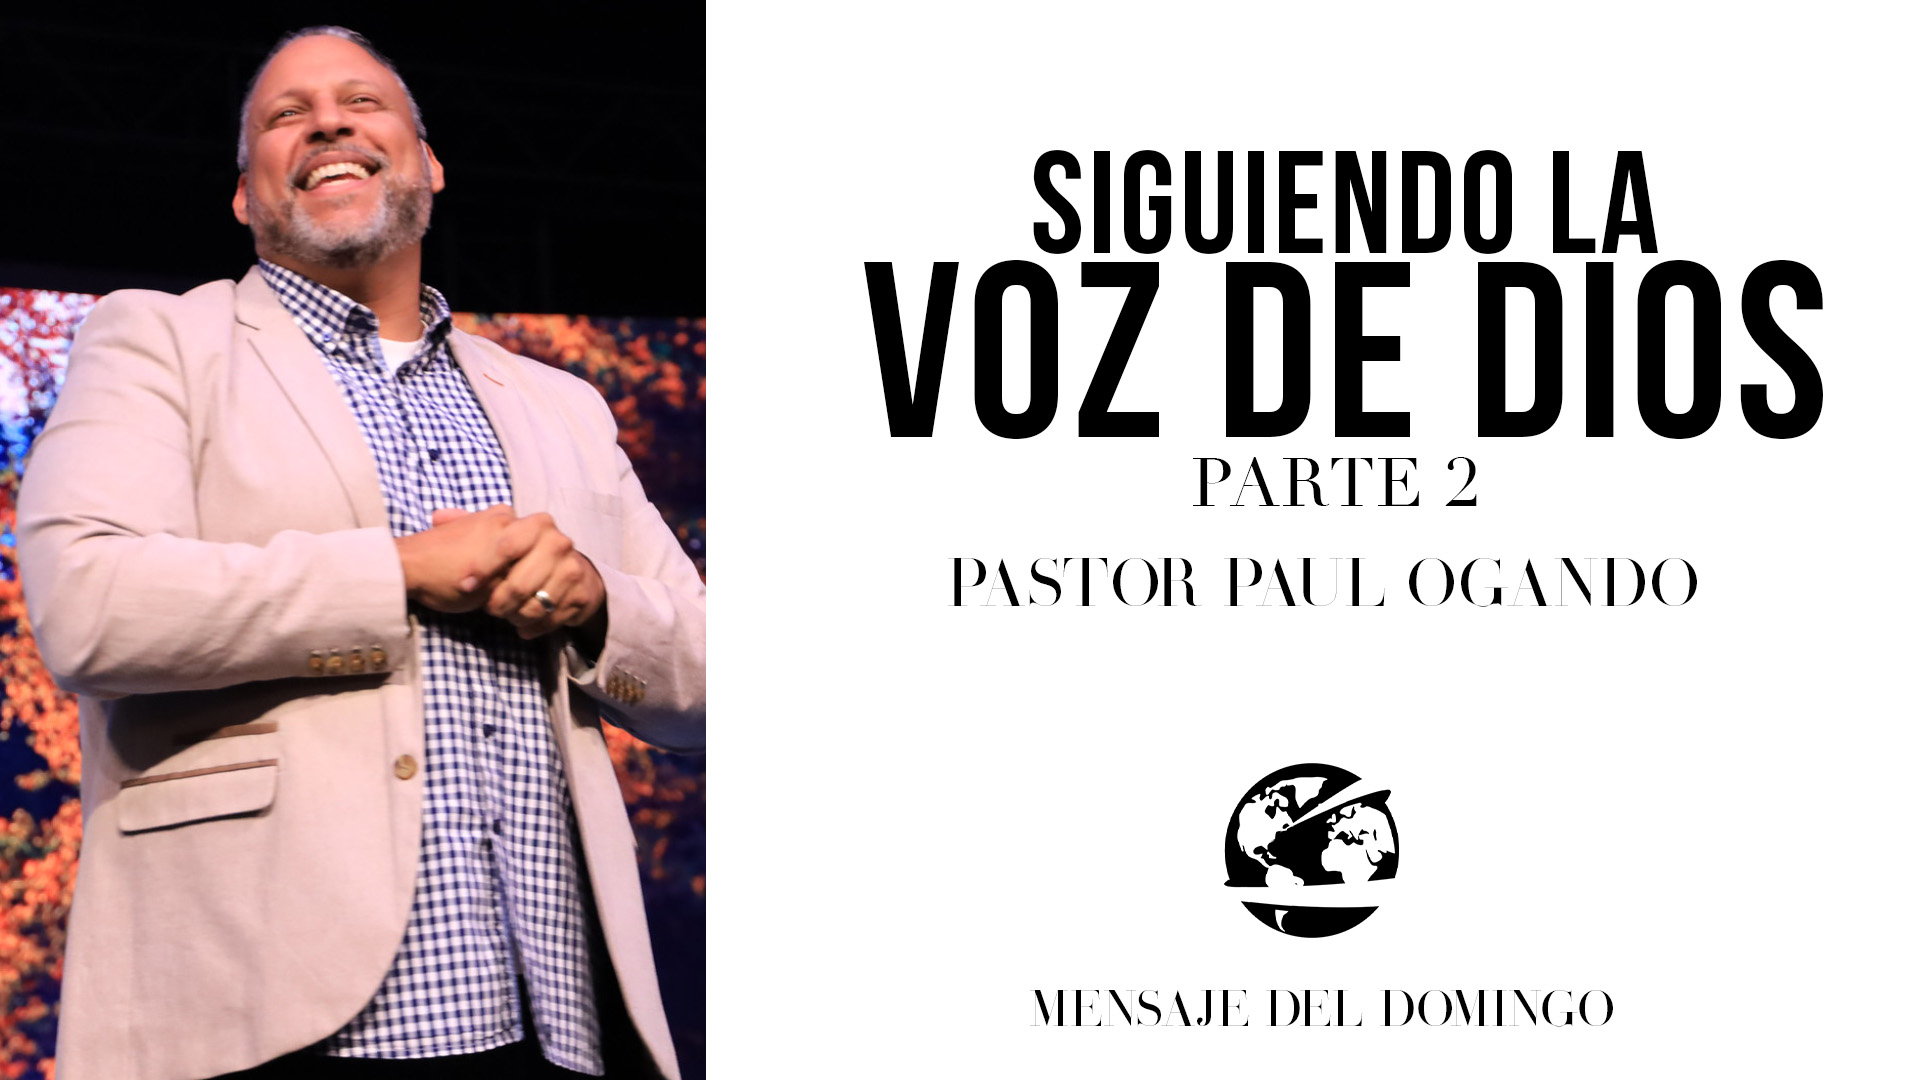 Watch Siguiendo La Voz De Dios Pt 2